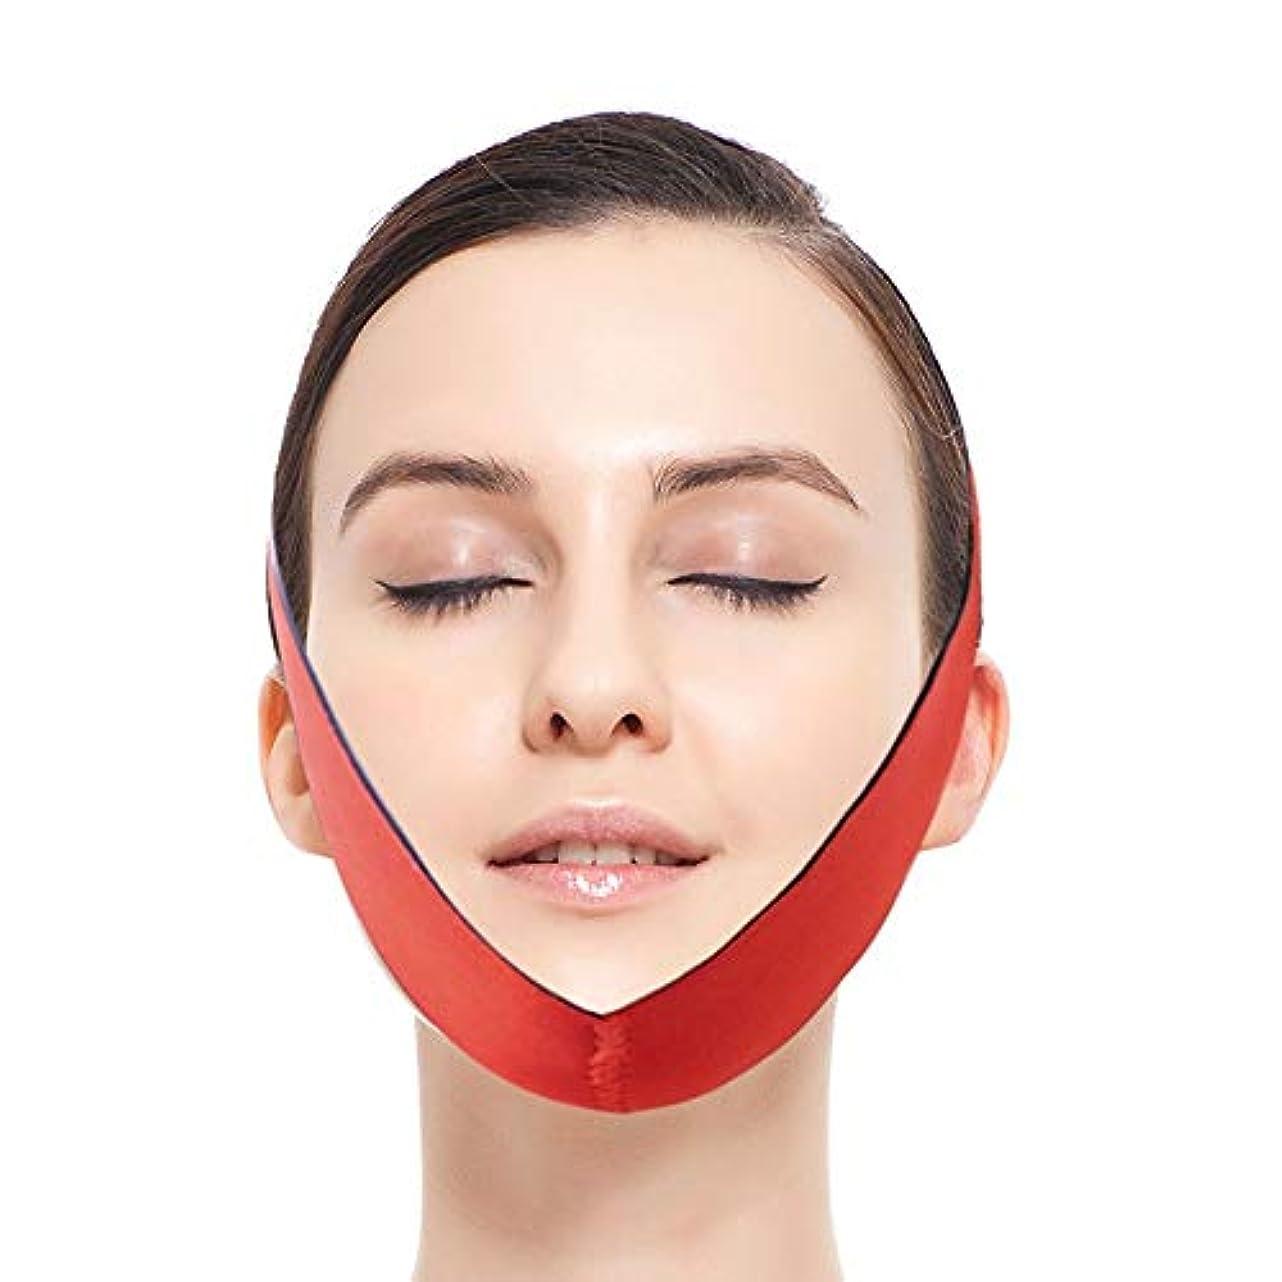 ゴミこどもの宮殿女性フェイスリフティングアーティファクトVフェイス包帯マスクダブルあご引き締め顔薄い咬傷筋肉下顎矯正顔